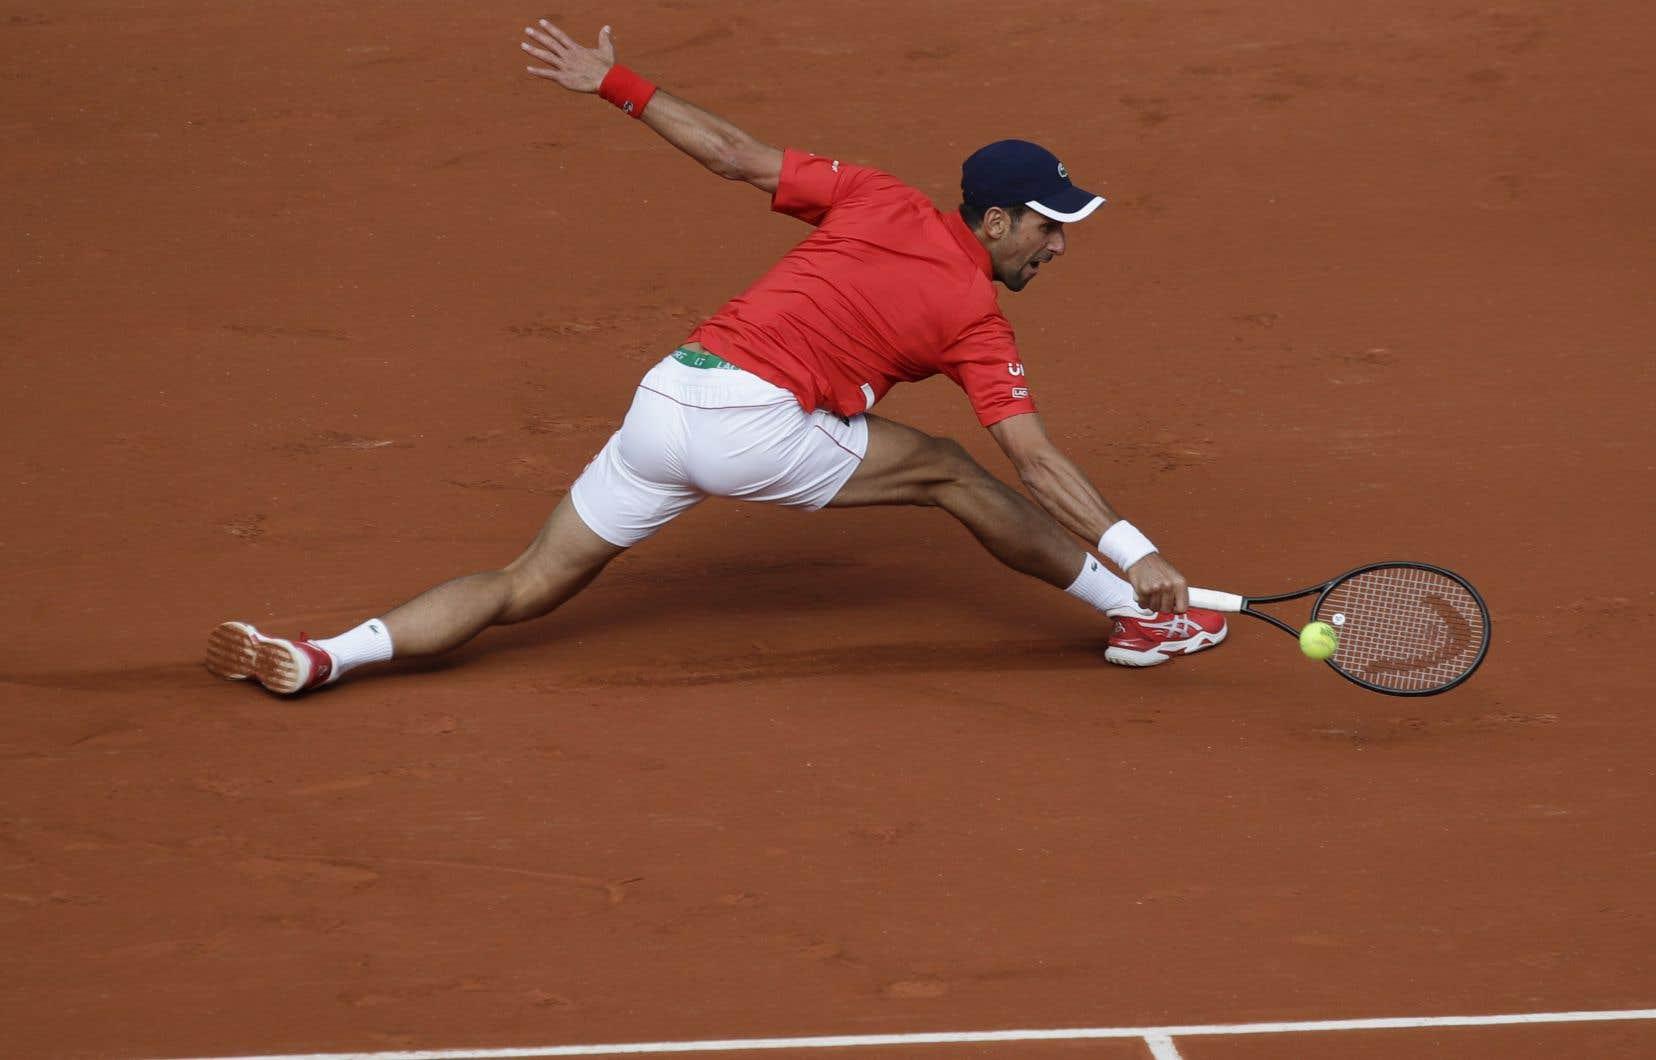 Djokovic tente de remporter pour la deuxième fois le majeur parisien, ce qui constituerait son 18e sacre en Grand Chelem.